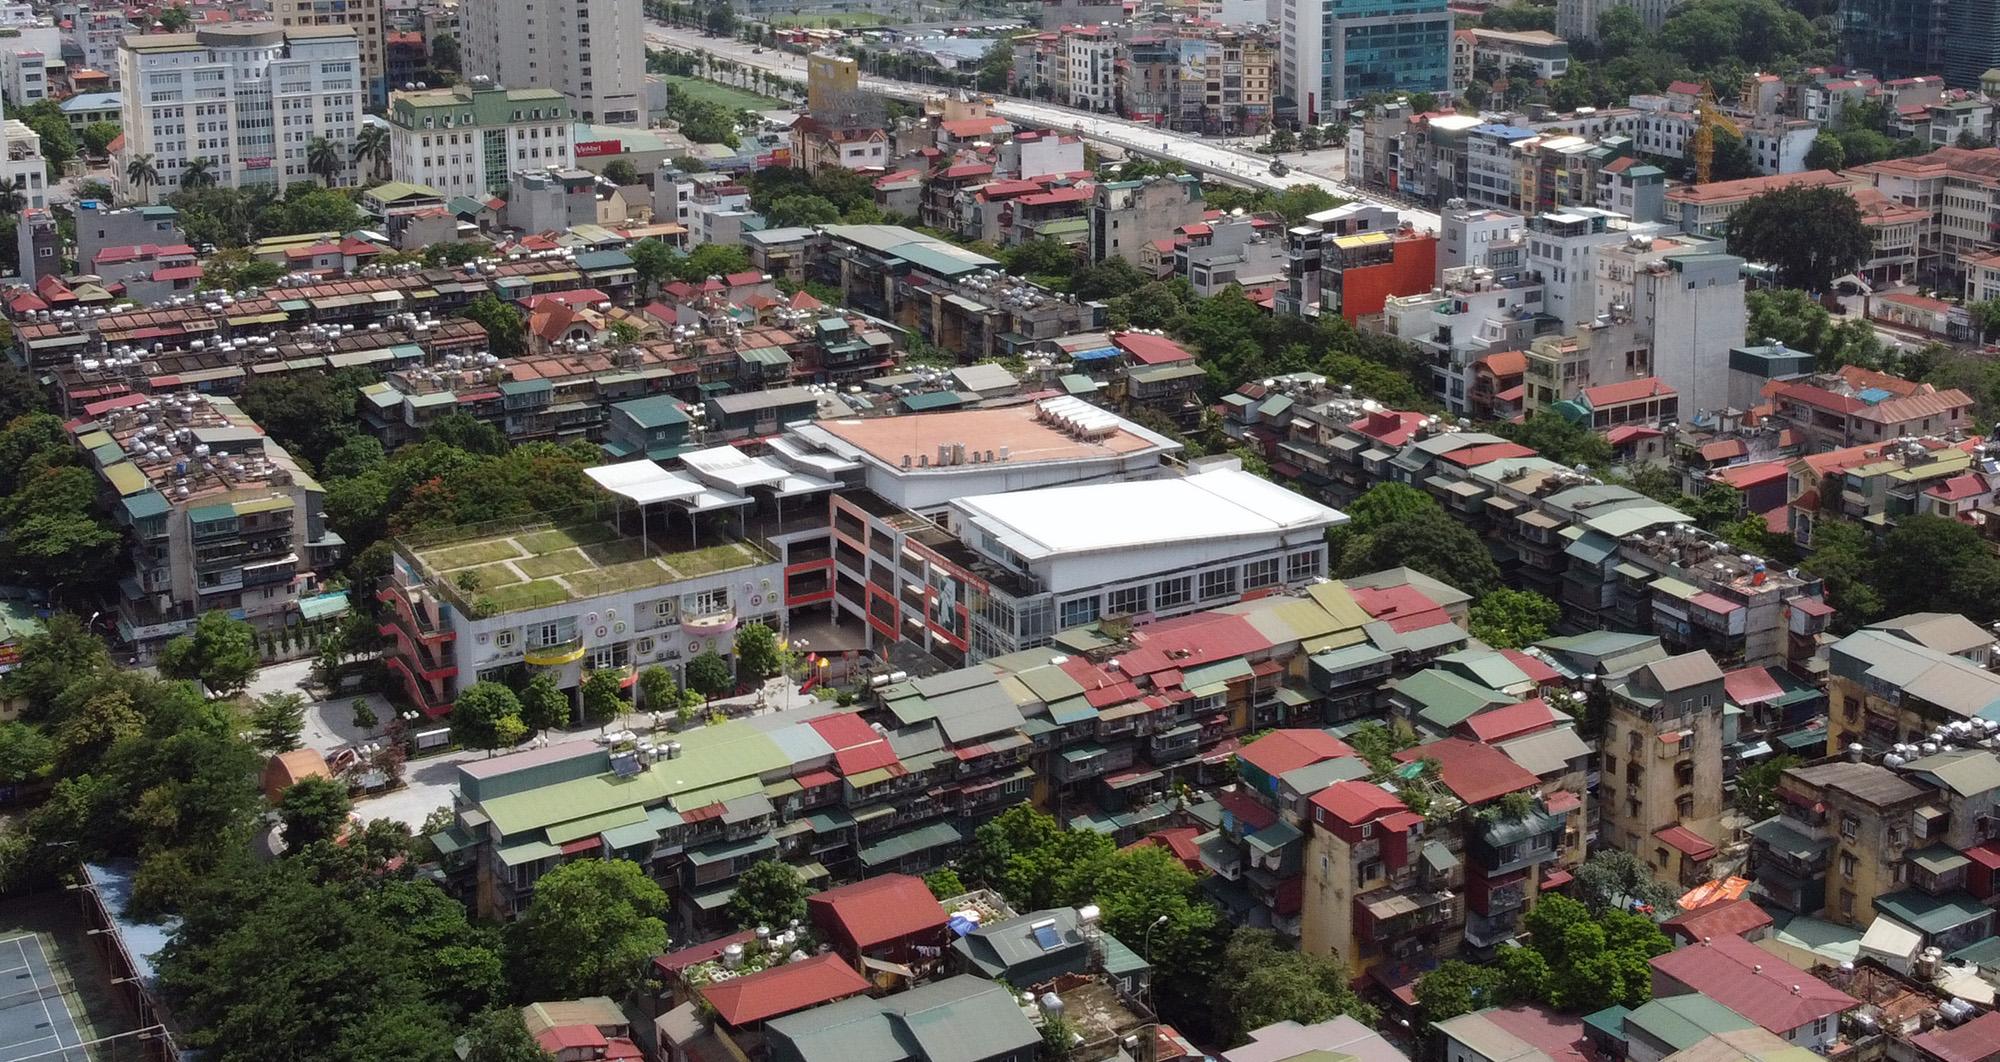 Nghiên cứu khung cơ chế chính sách xây dựng lại chung cư cũ ở Hà Nội - Ảnh 2.